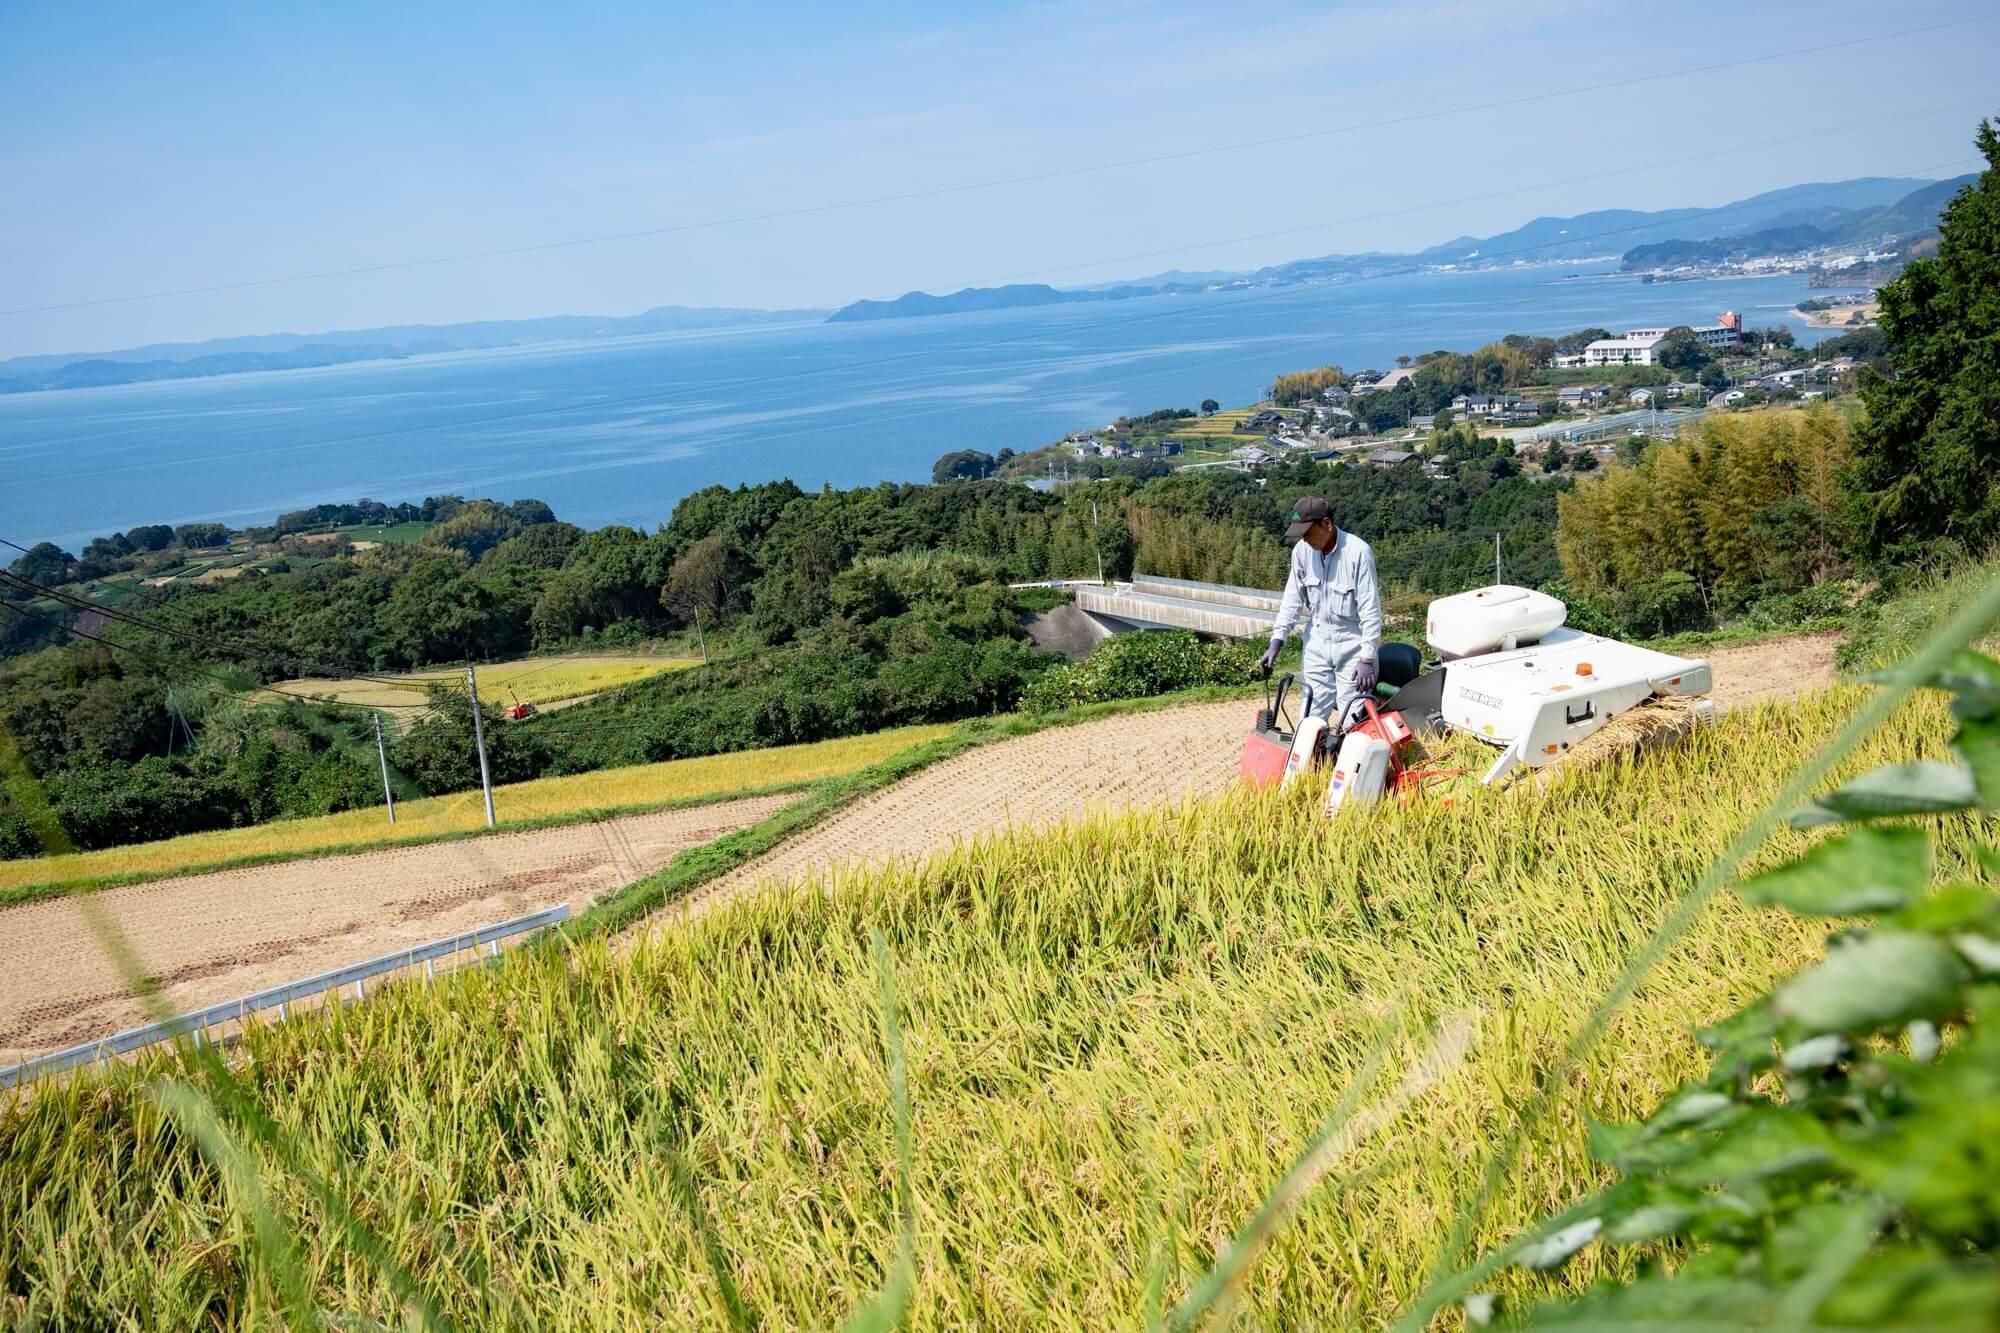 木場のむすび・松尾幸彦さんが農業をする様子